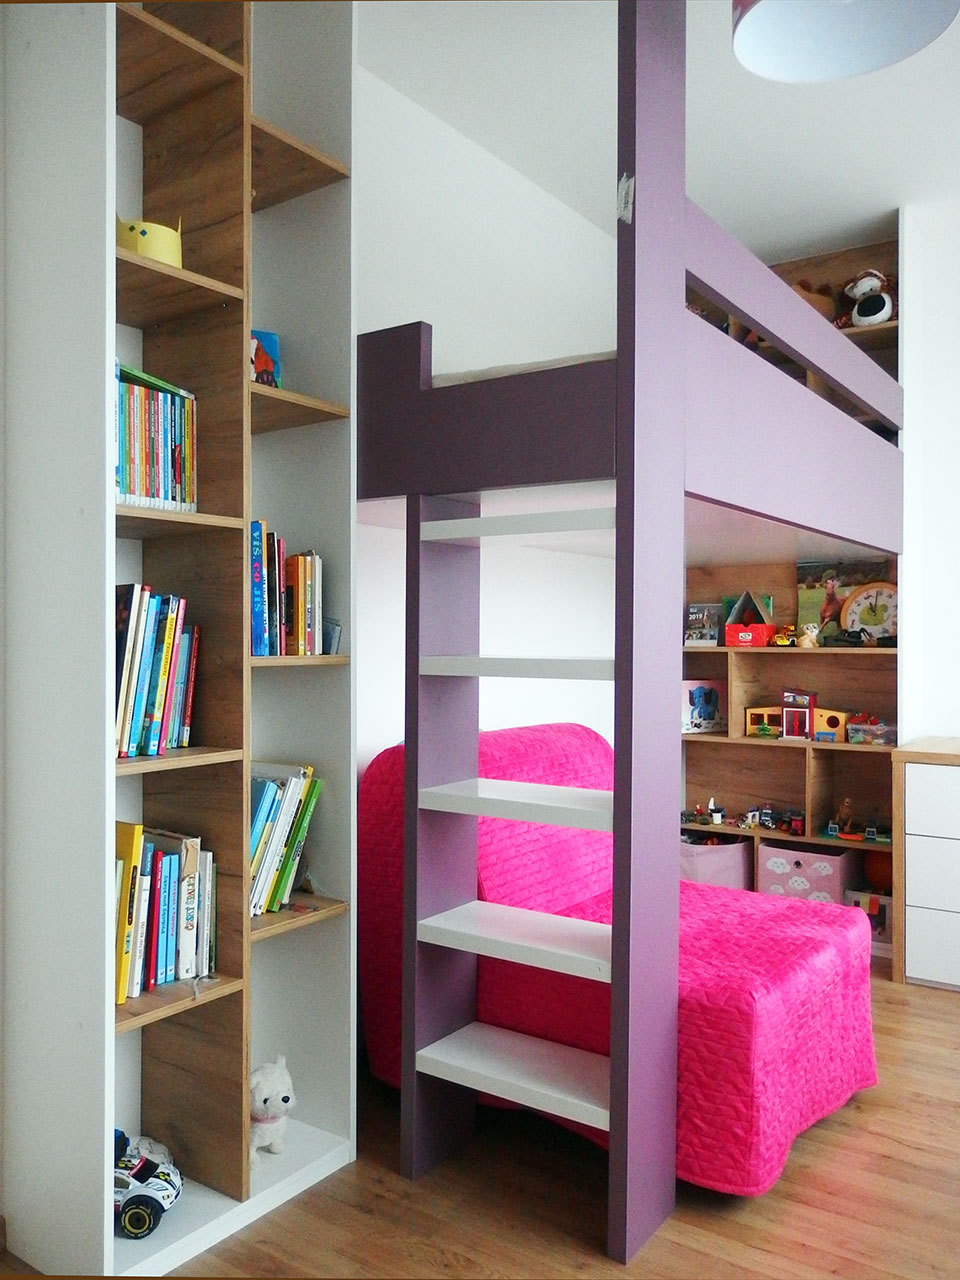 Realizace kompletního interieru vč. patrové postele s rozkládacím křesílkem do dětského pokoje pro holčičku Praha 9